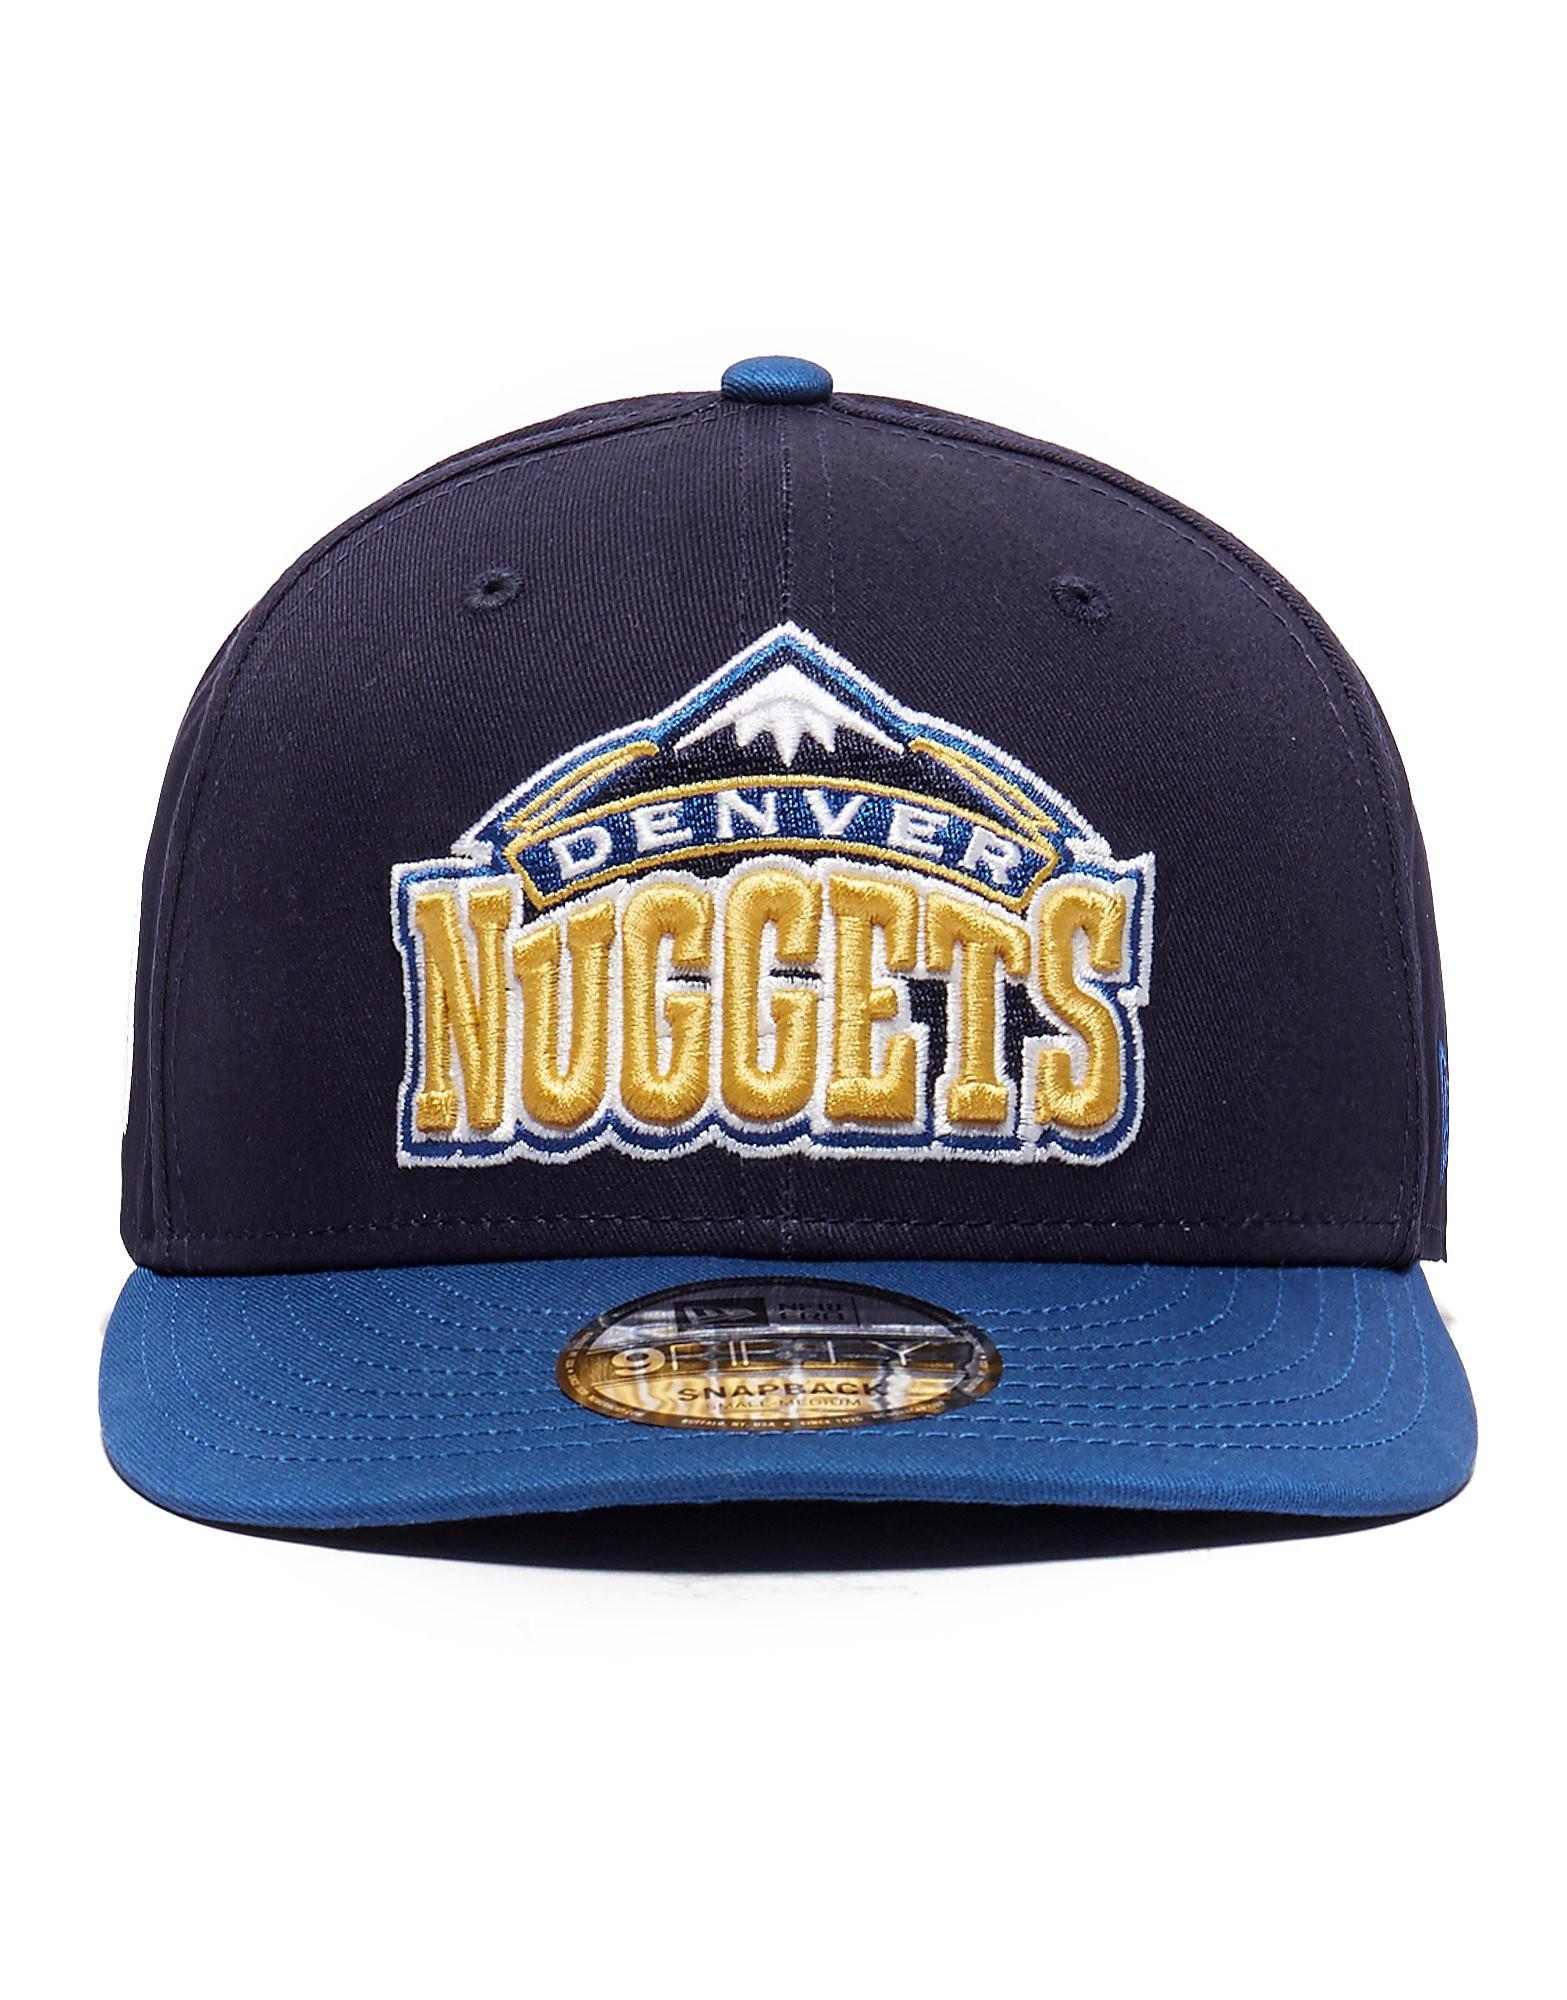 New Era NBA Denver Nuggets 9FIFTY Cap